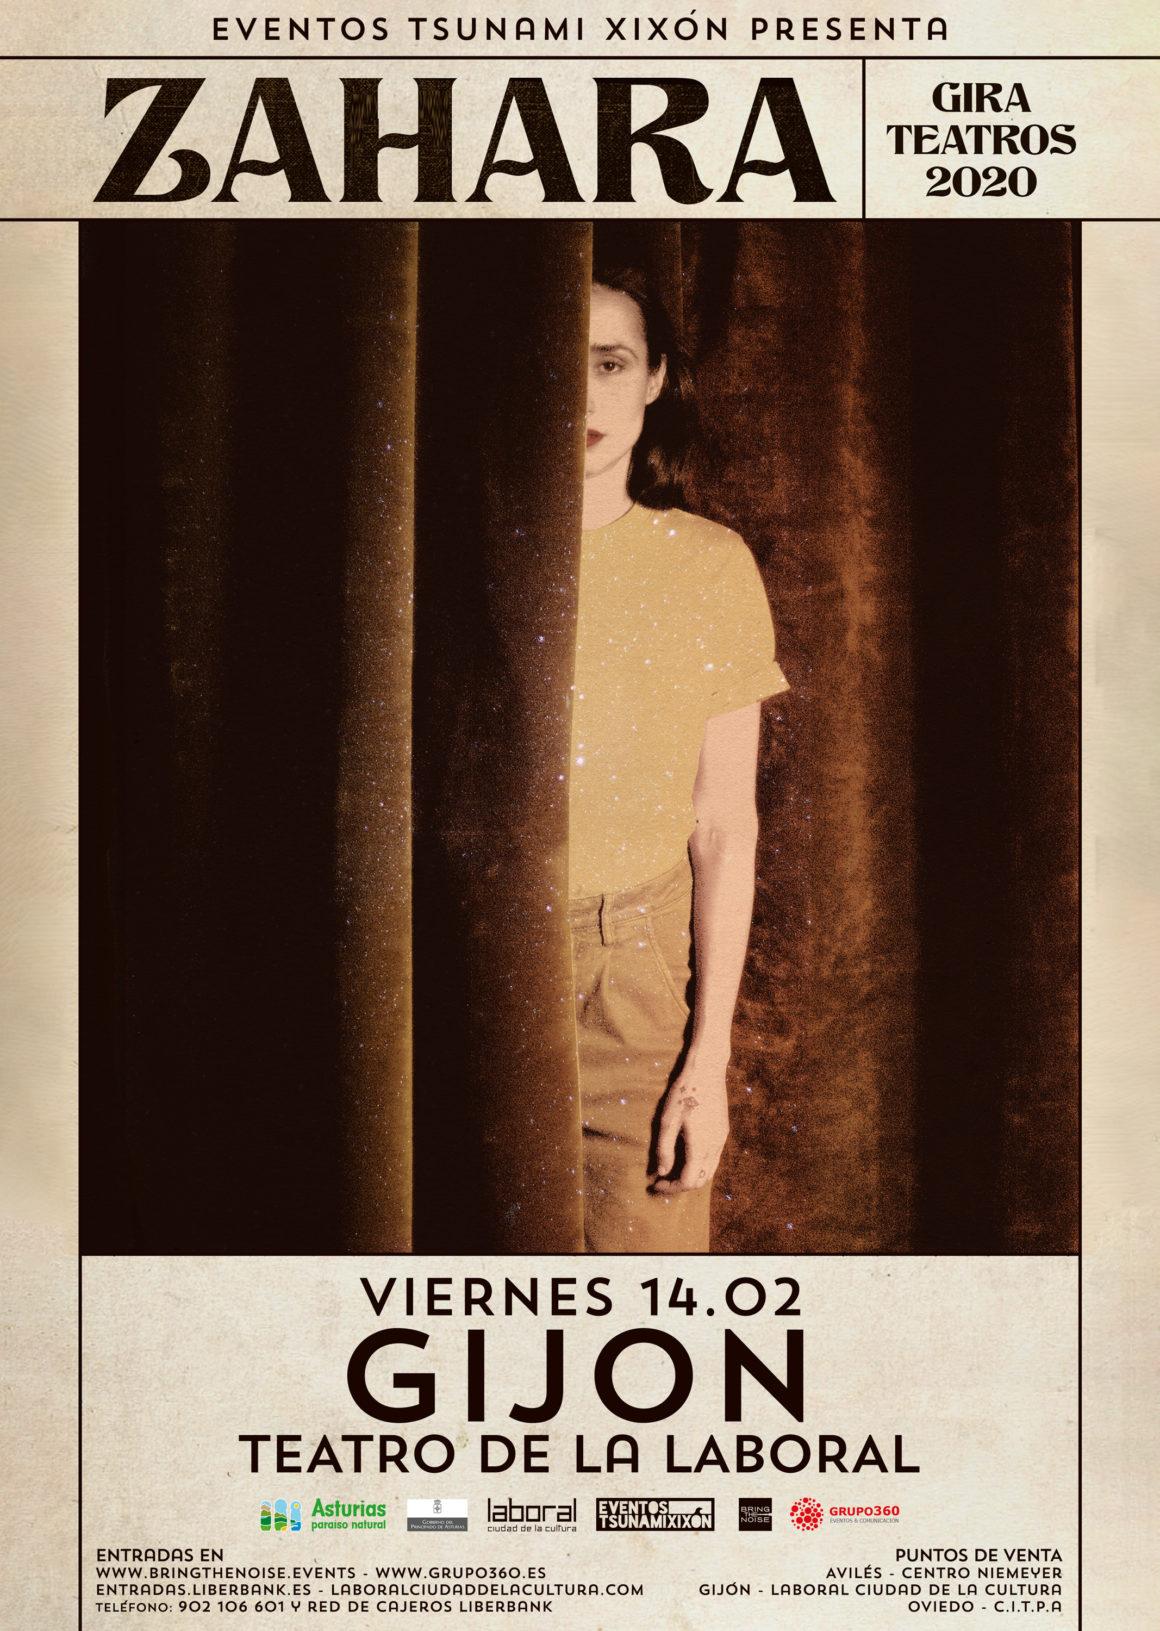 Zahara anuncia gira de teatros y actuará en el Teatro de la Laboral de Gijón